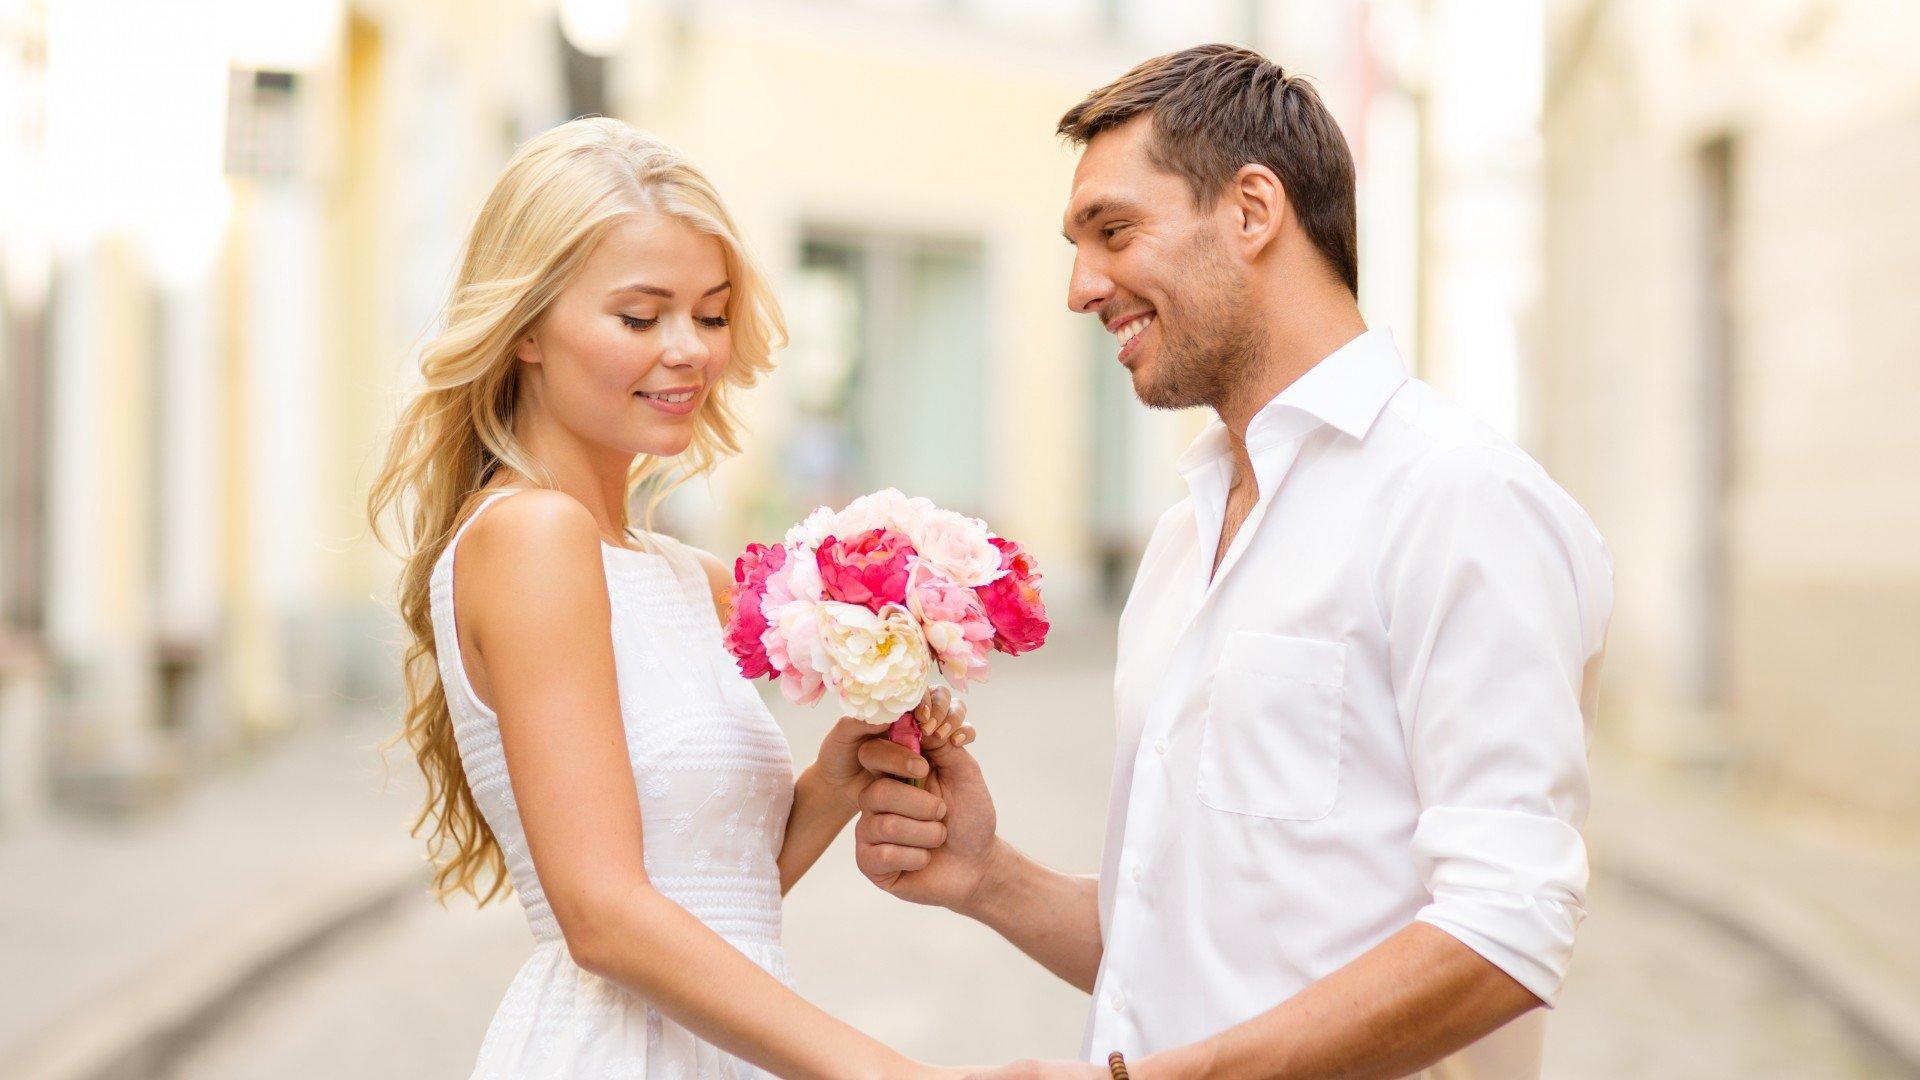 как быстро влюбляешься после знакомства